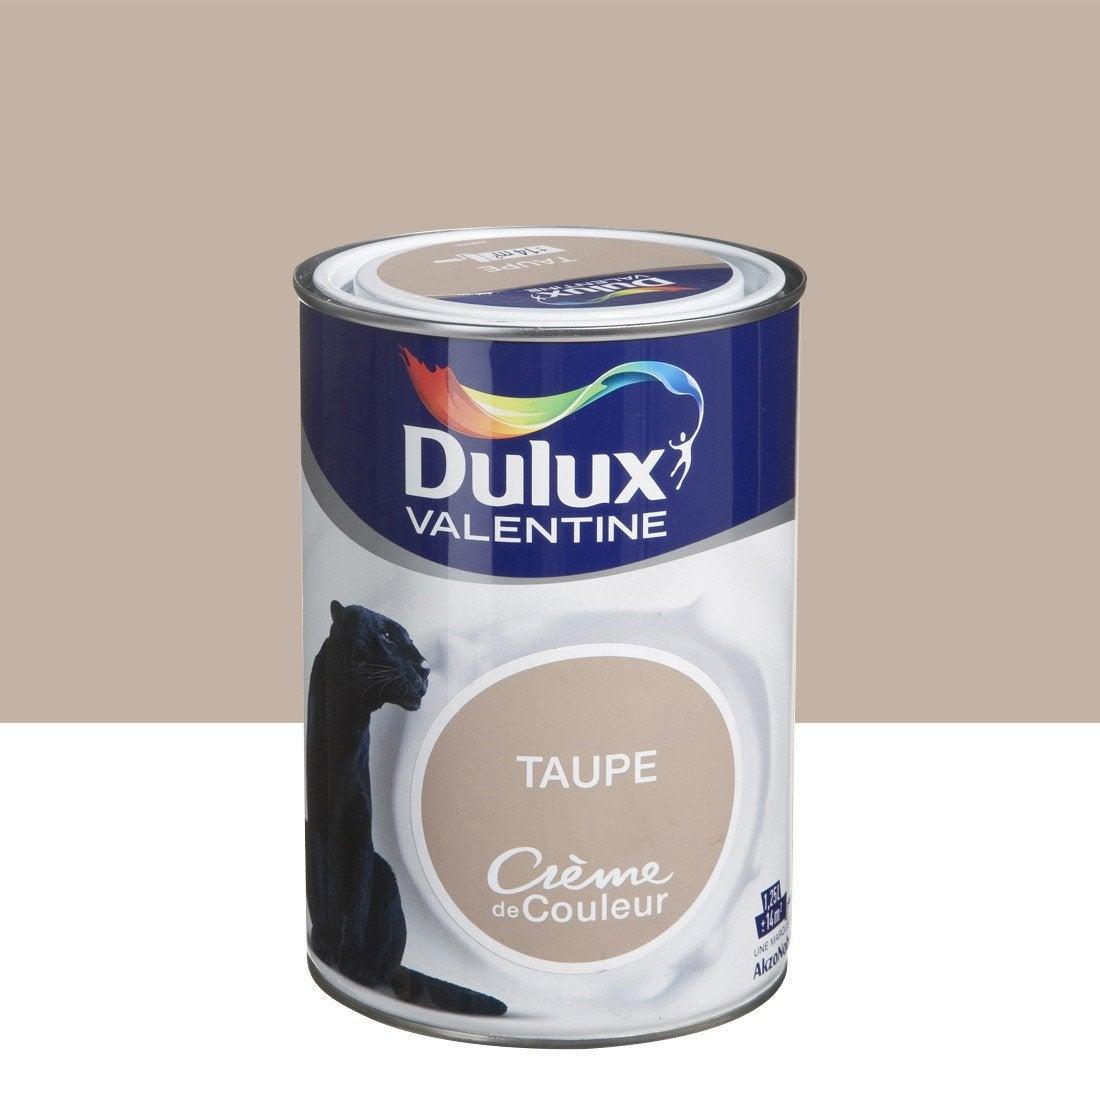 Peinture brun taupe dulux valentine cr me de couleur l leroy merlin for Peinture beige leroy merlin